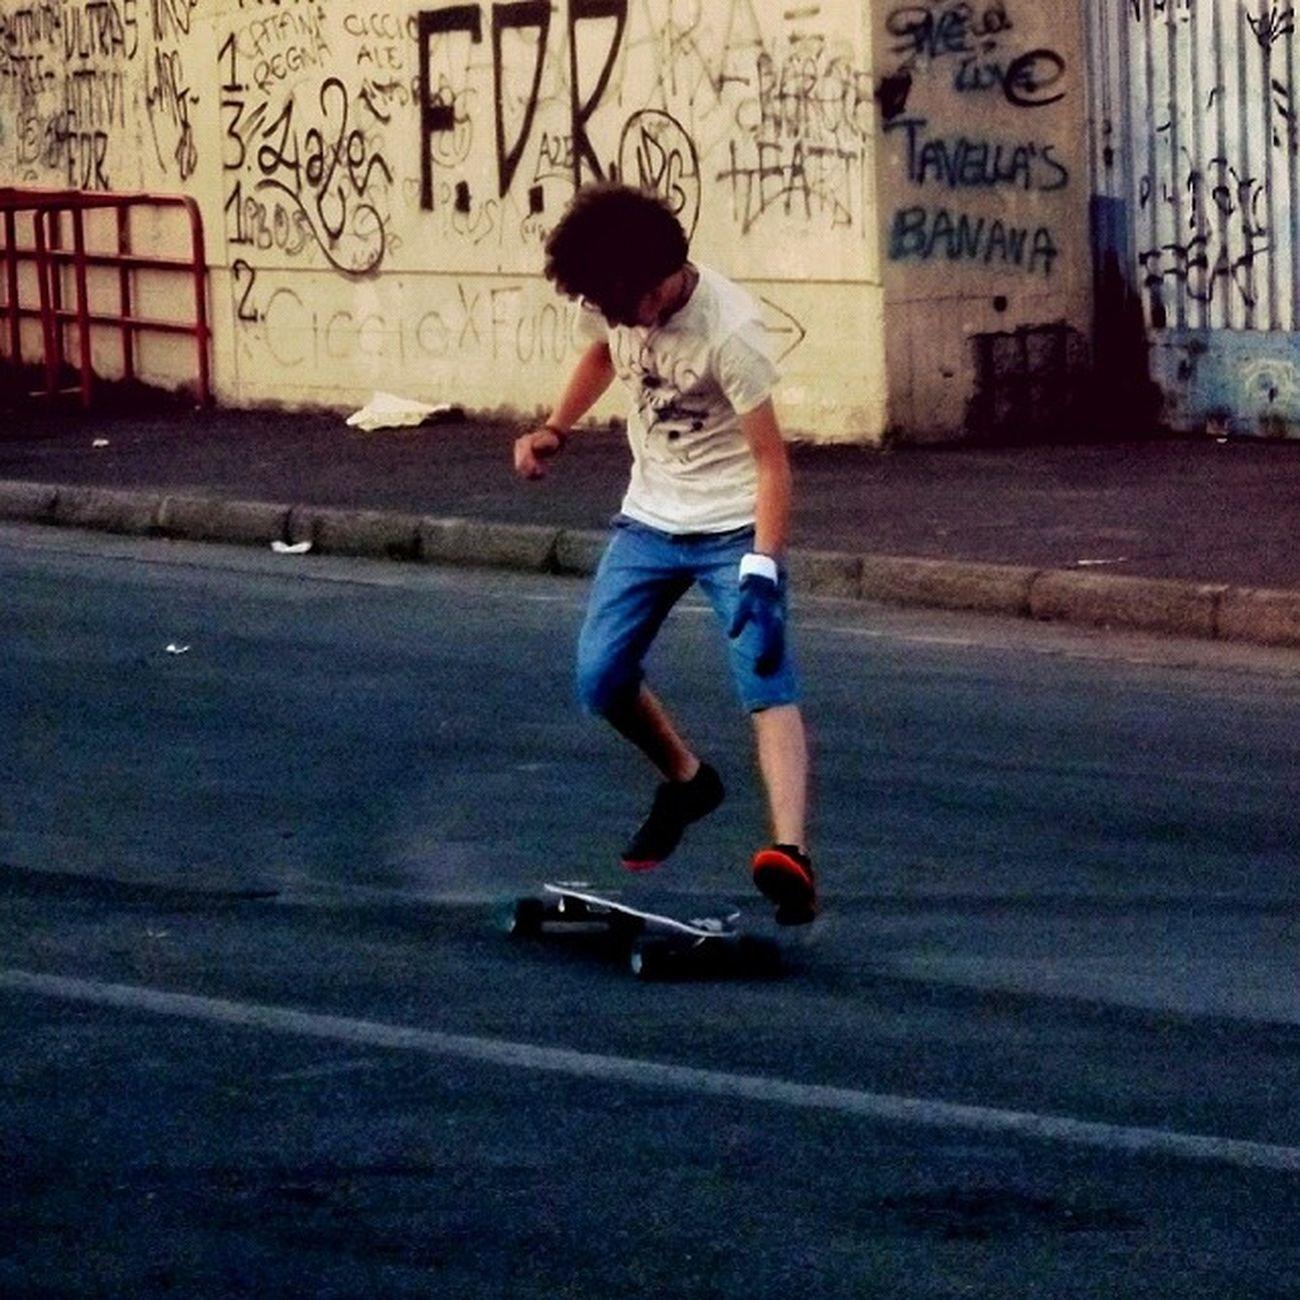 Dancing on longboard :D Longboard Longboarding Longboardtrick City Catania Skate Skateboard Skateboarding Sk8 Sector9